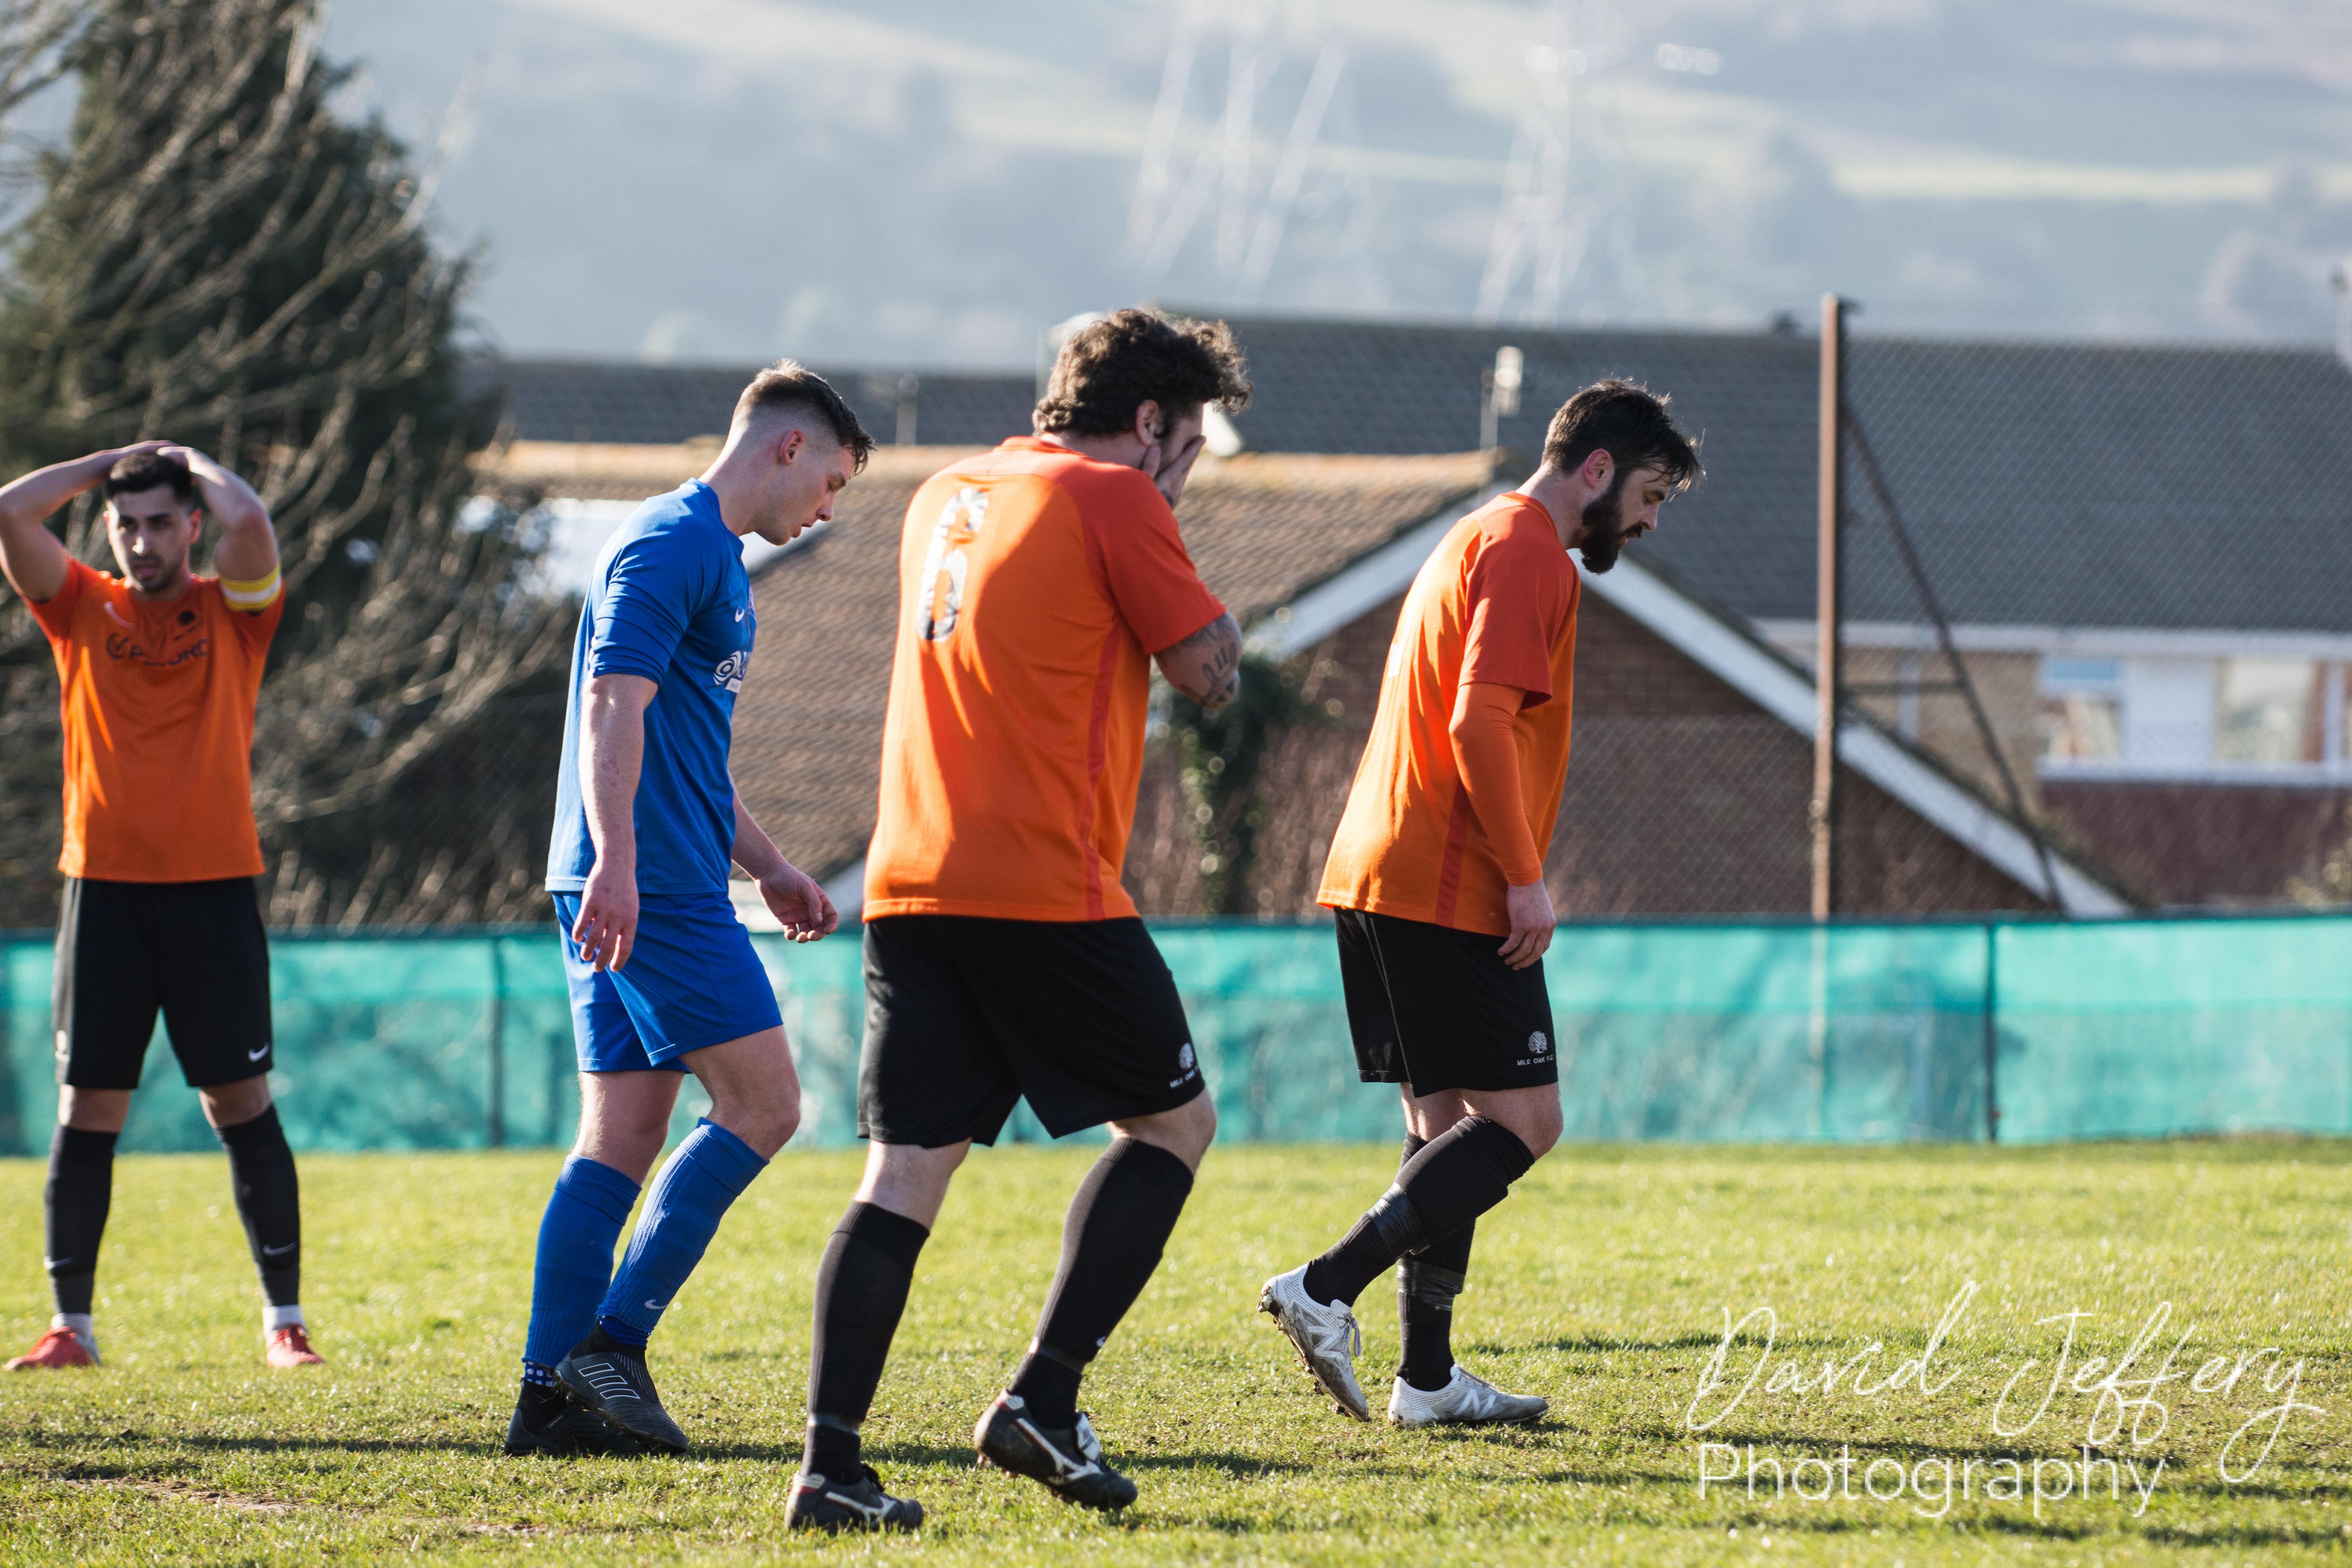 DAVID_JEFFERY MOFC vs Storrington 020